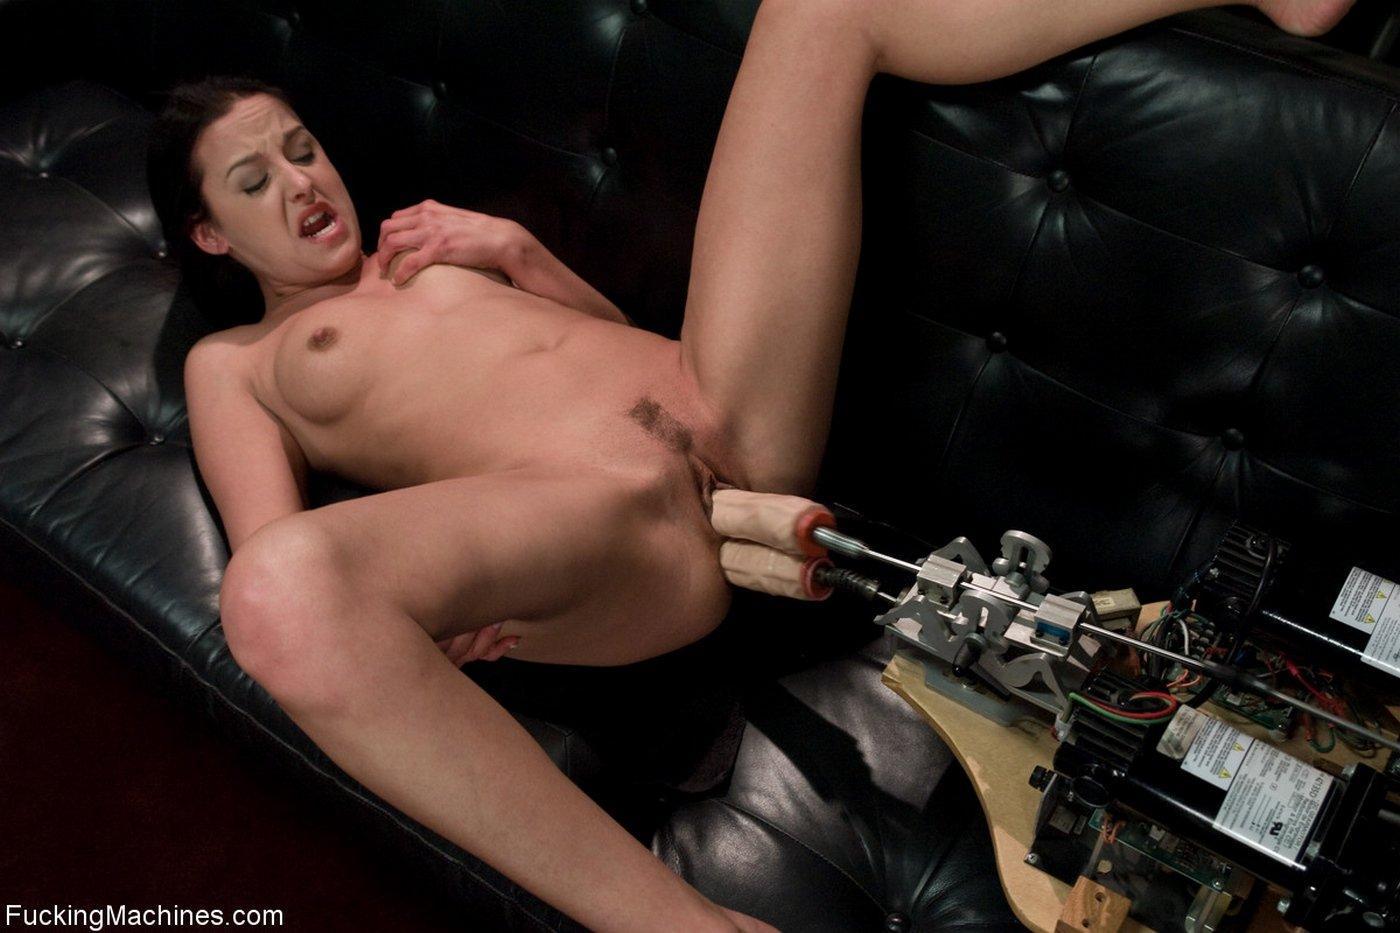 smotret-orgazm-ot-seks-mashini